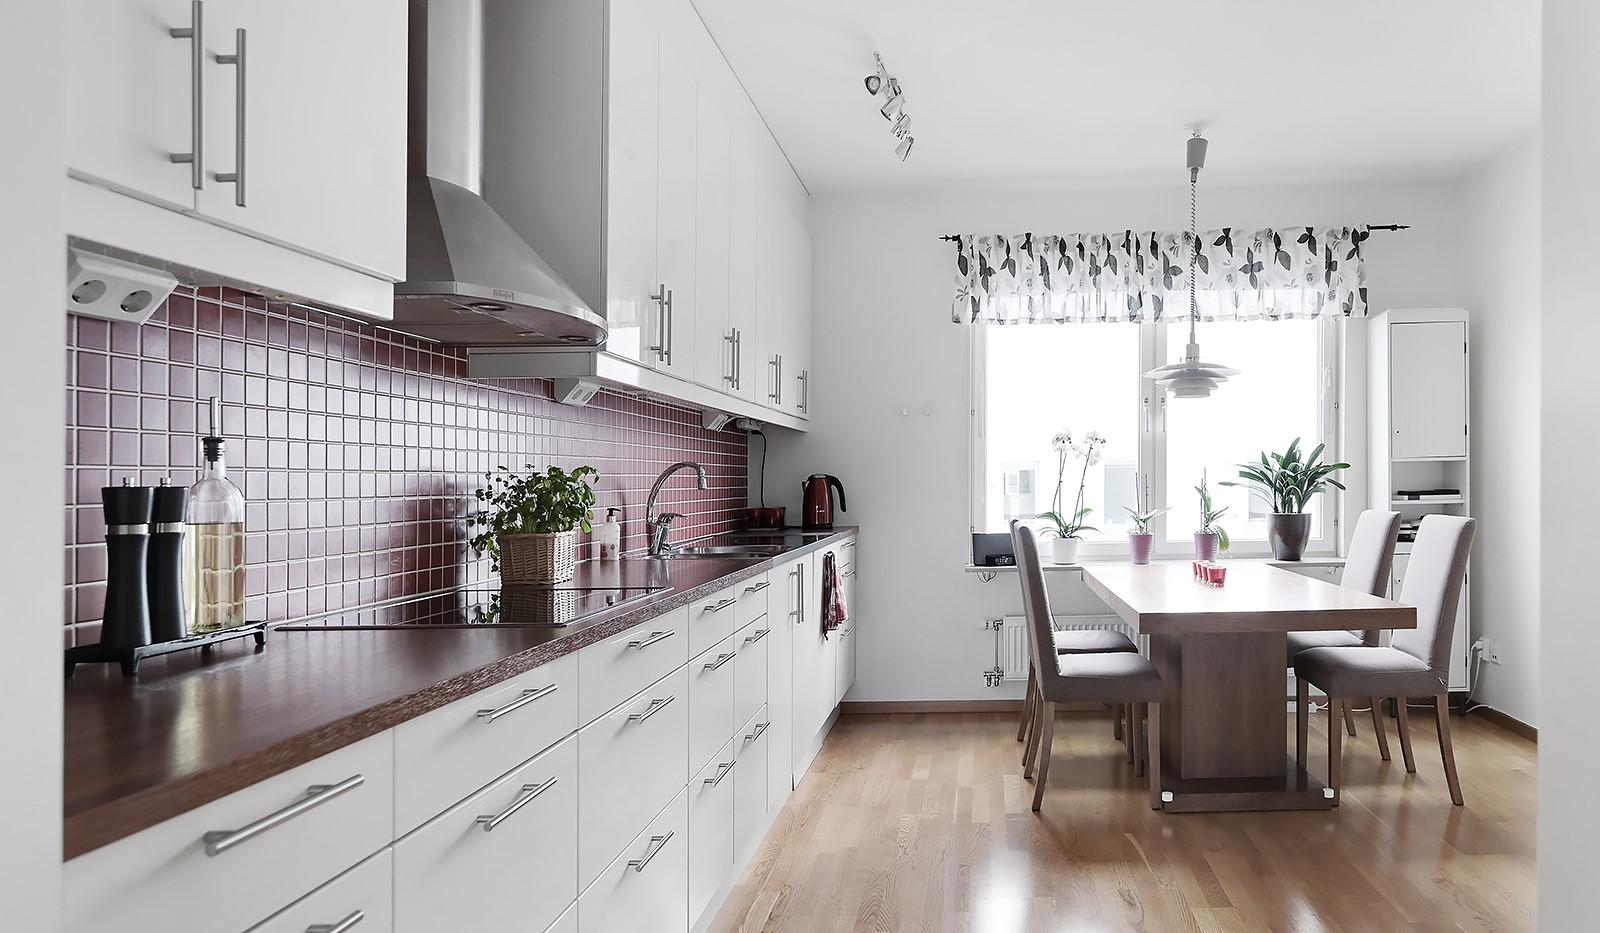 Marieviksgatan 40, 7 tr - Stilrent kök med bra matplats framför köksfönster släpper in gott om ljus.